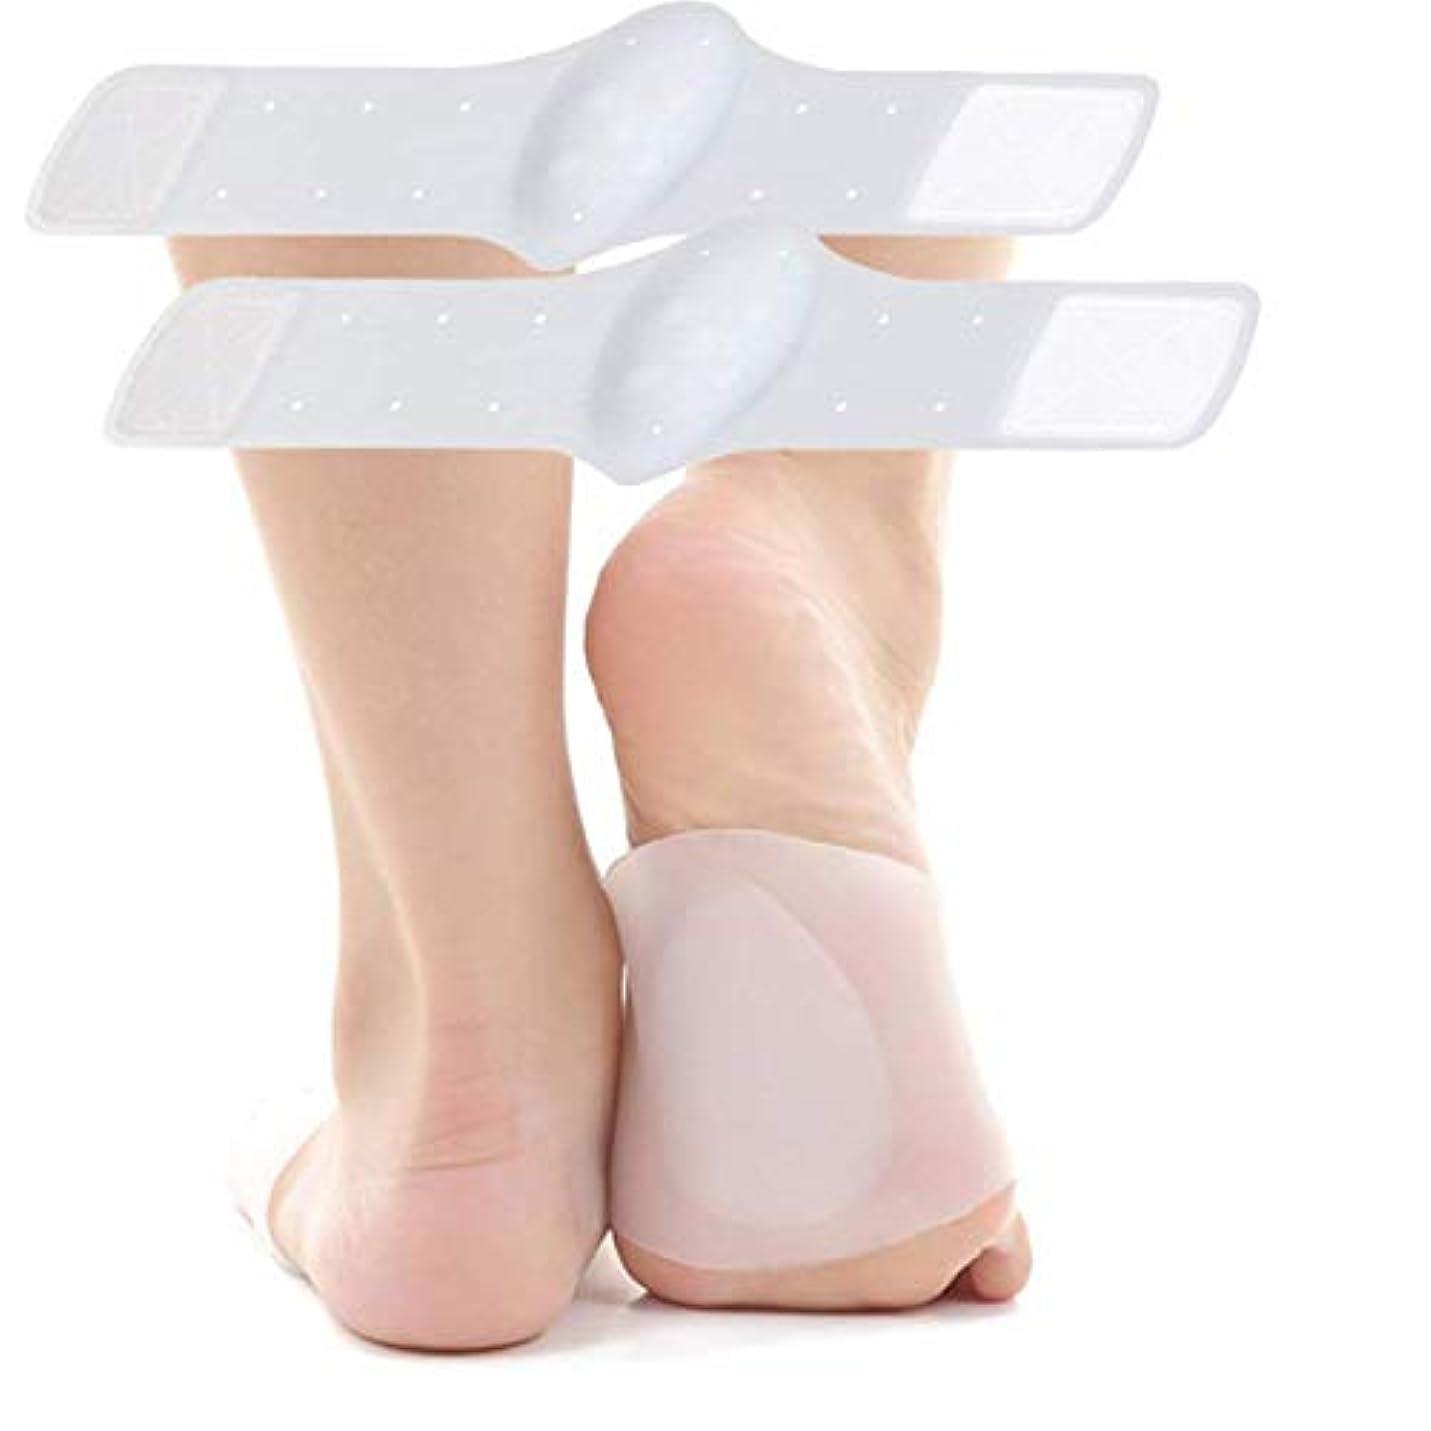 教会巻き取り米ドル扁平足 サポーター アーチサポーター 足底筋膜炎 足の痛み 歩行 立ち仕事 シリコン2個入り